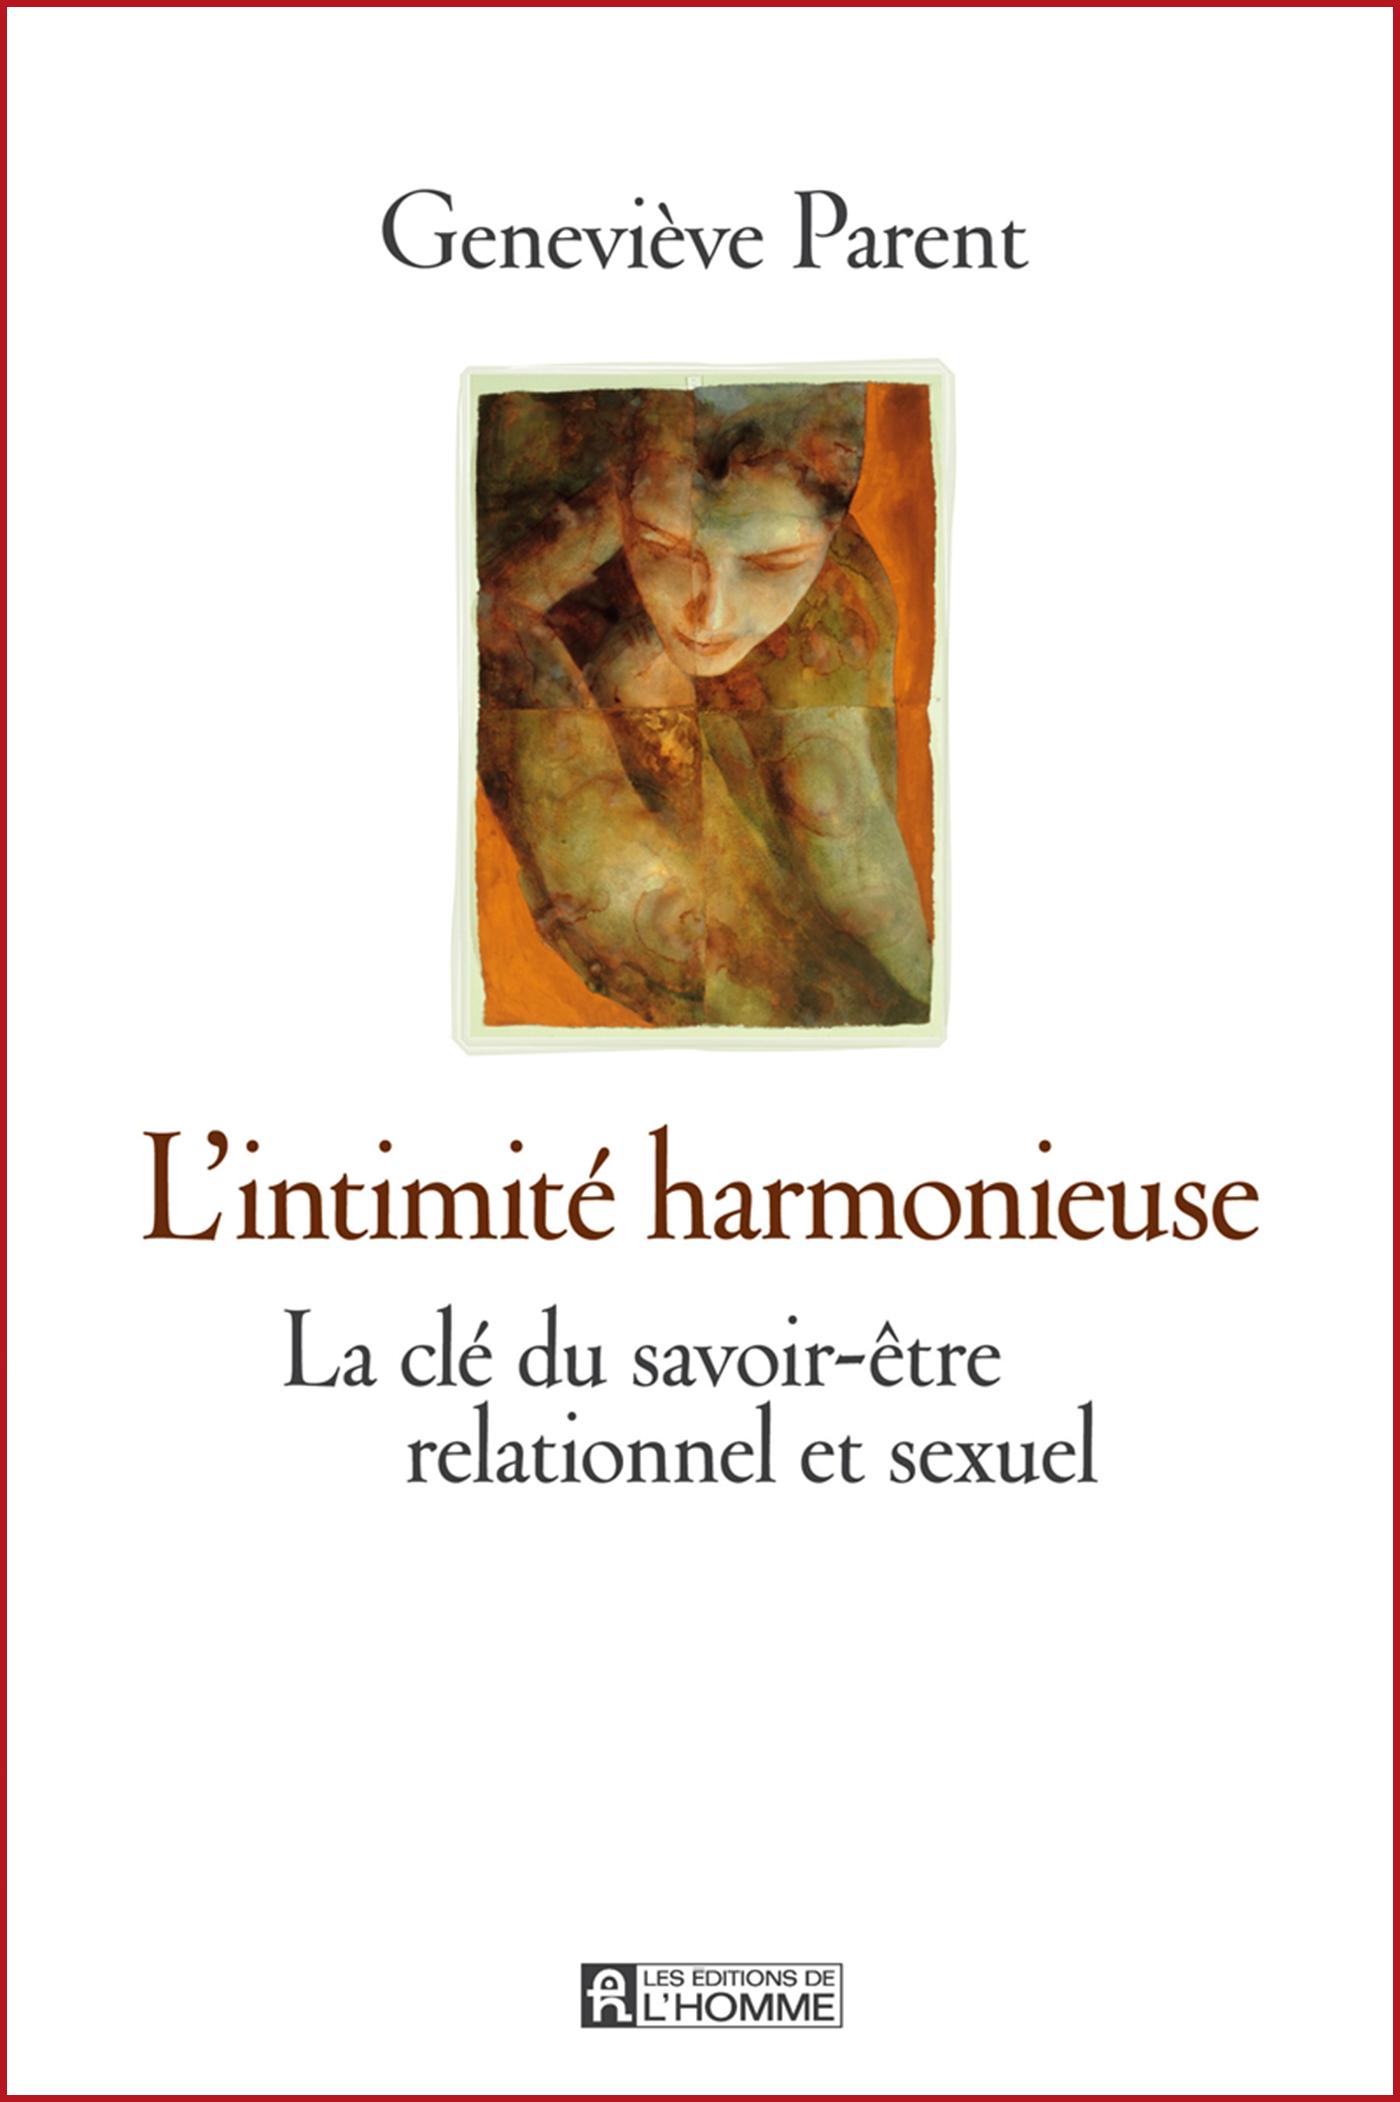 l intimite harmonieuse genevieve parent livre en duel ou en duo valerie sentenne intello stephane lecault artiste couple